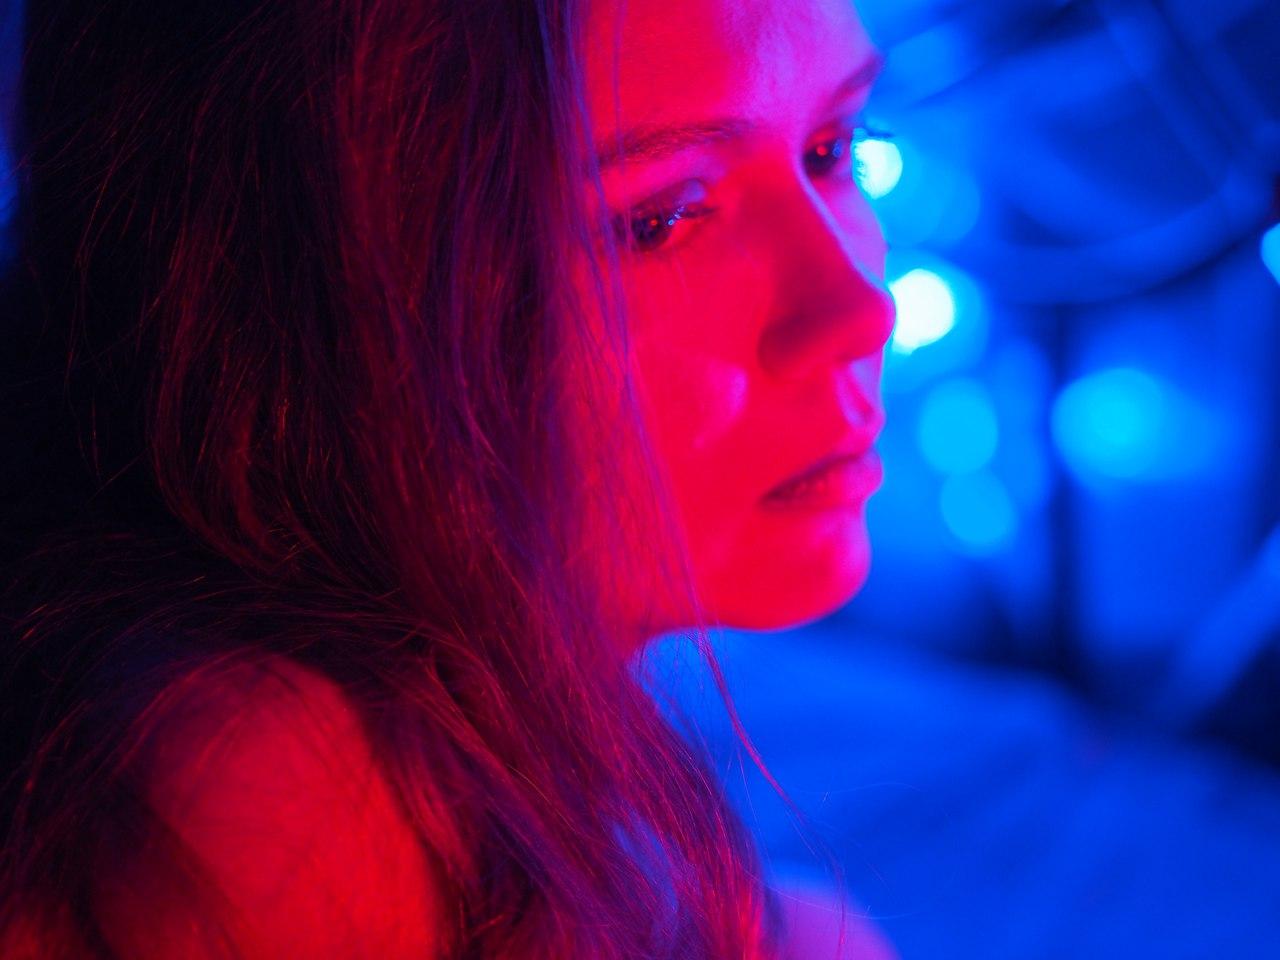 Лена Лийер, Липецк - фото №3